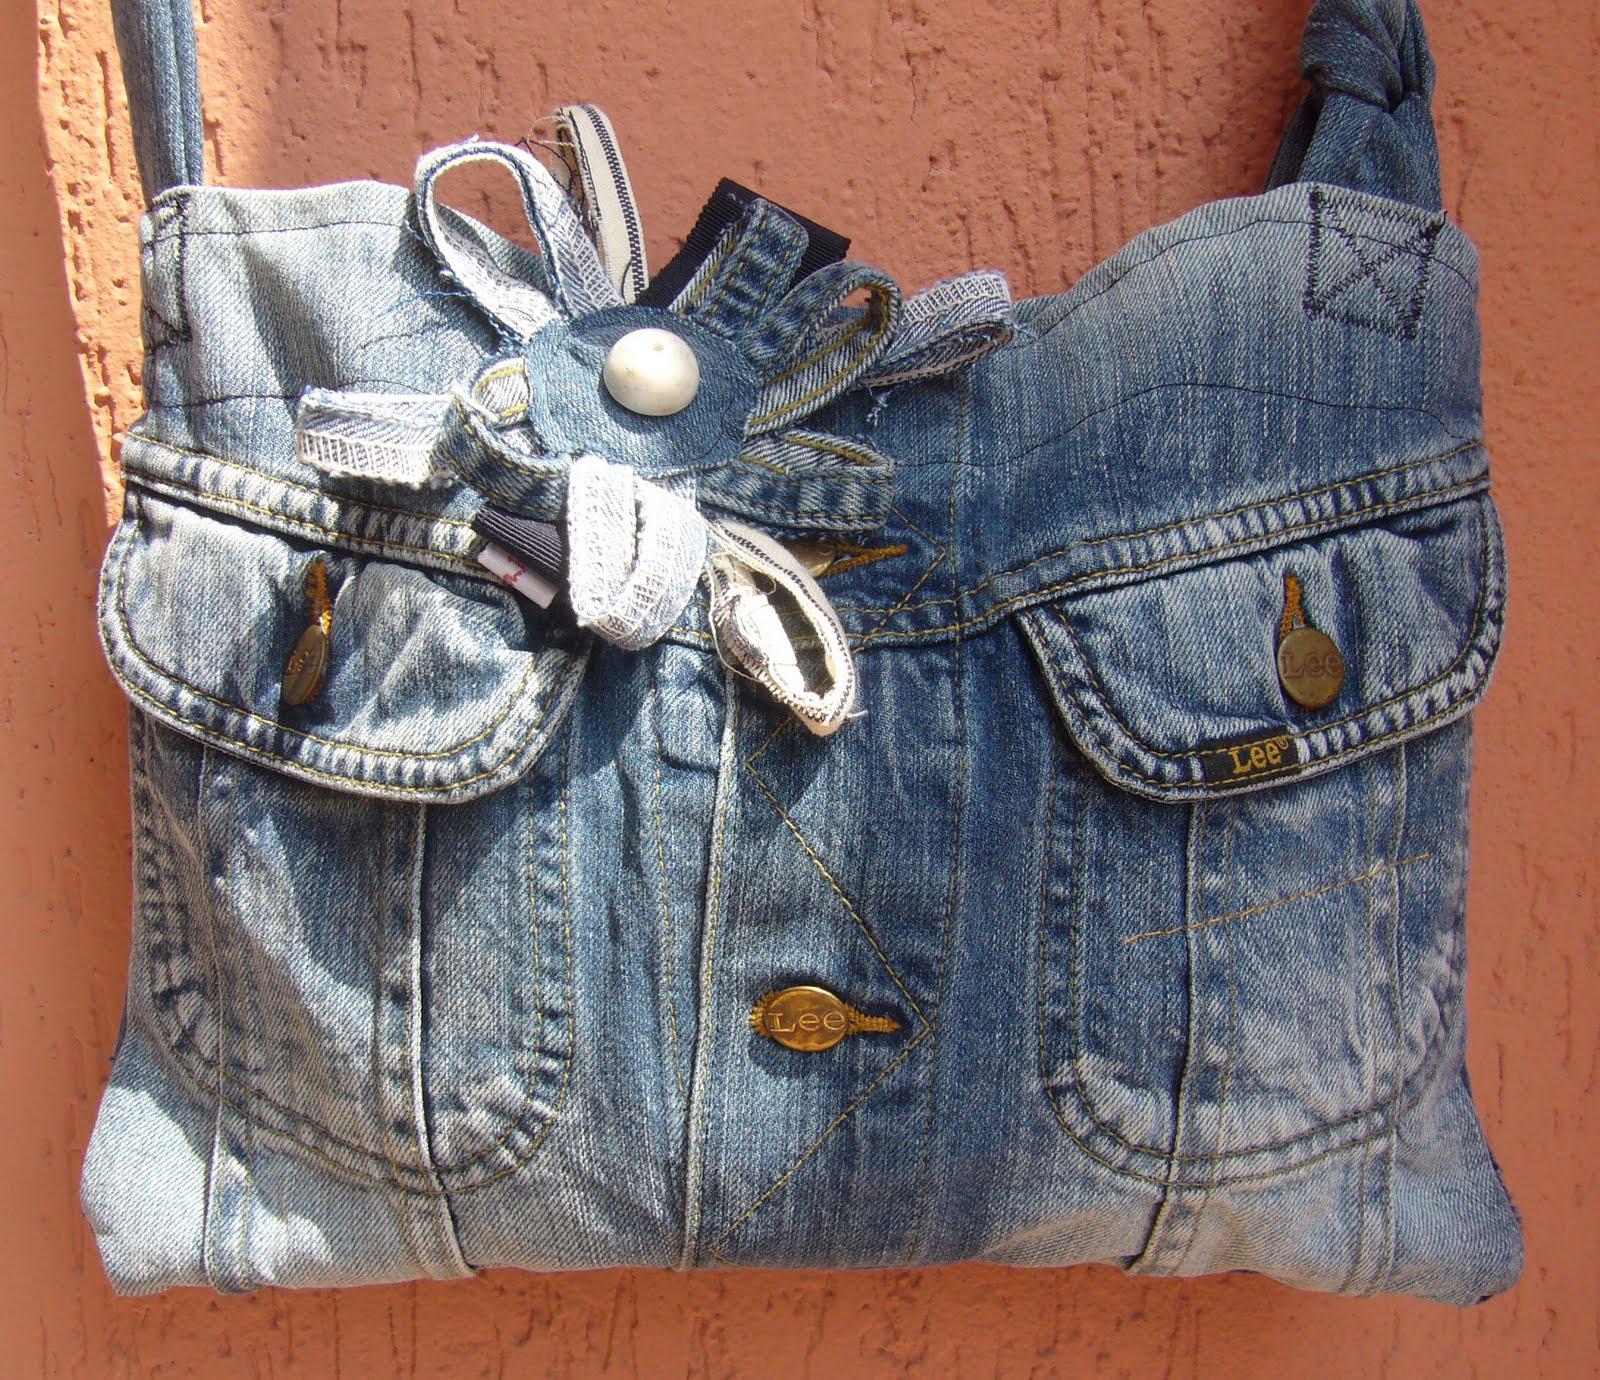 Fior di anna riciclando borse di jeans for Borse fai da te jeans